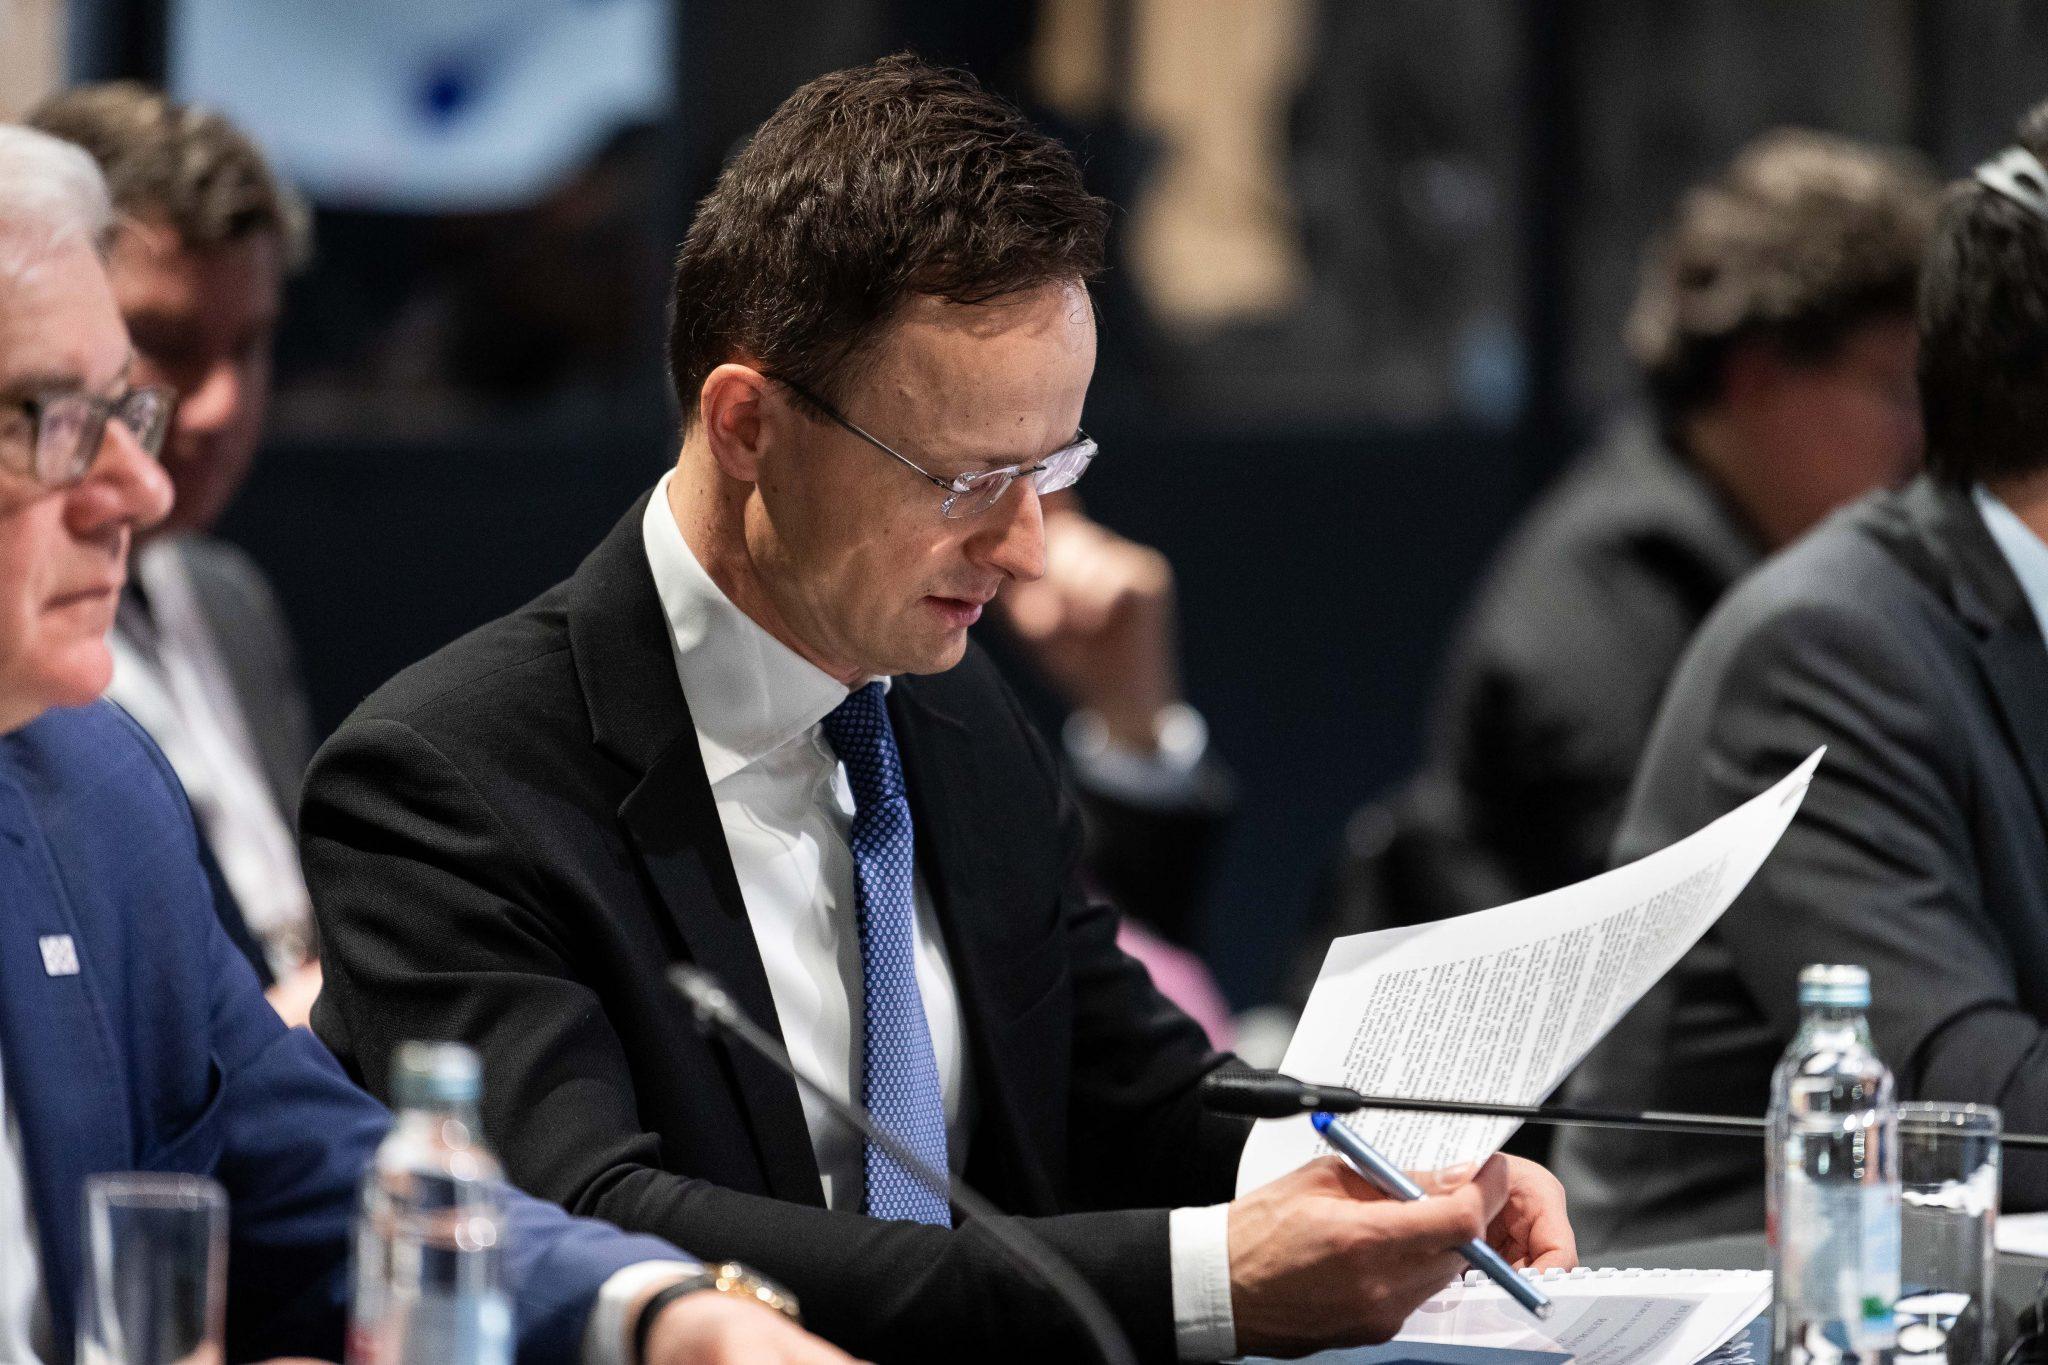 Szijjártó: EU Pledges Solidarity to Greece